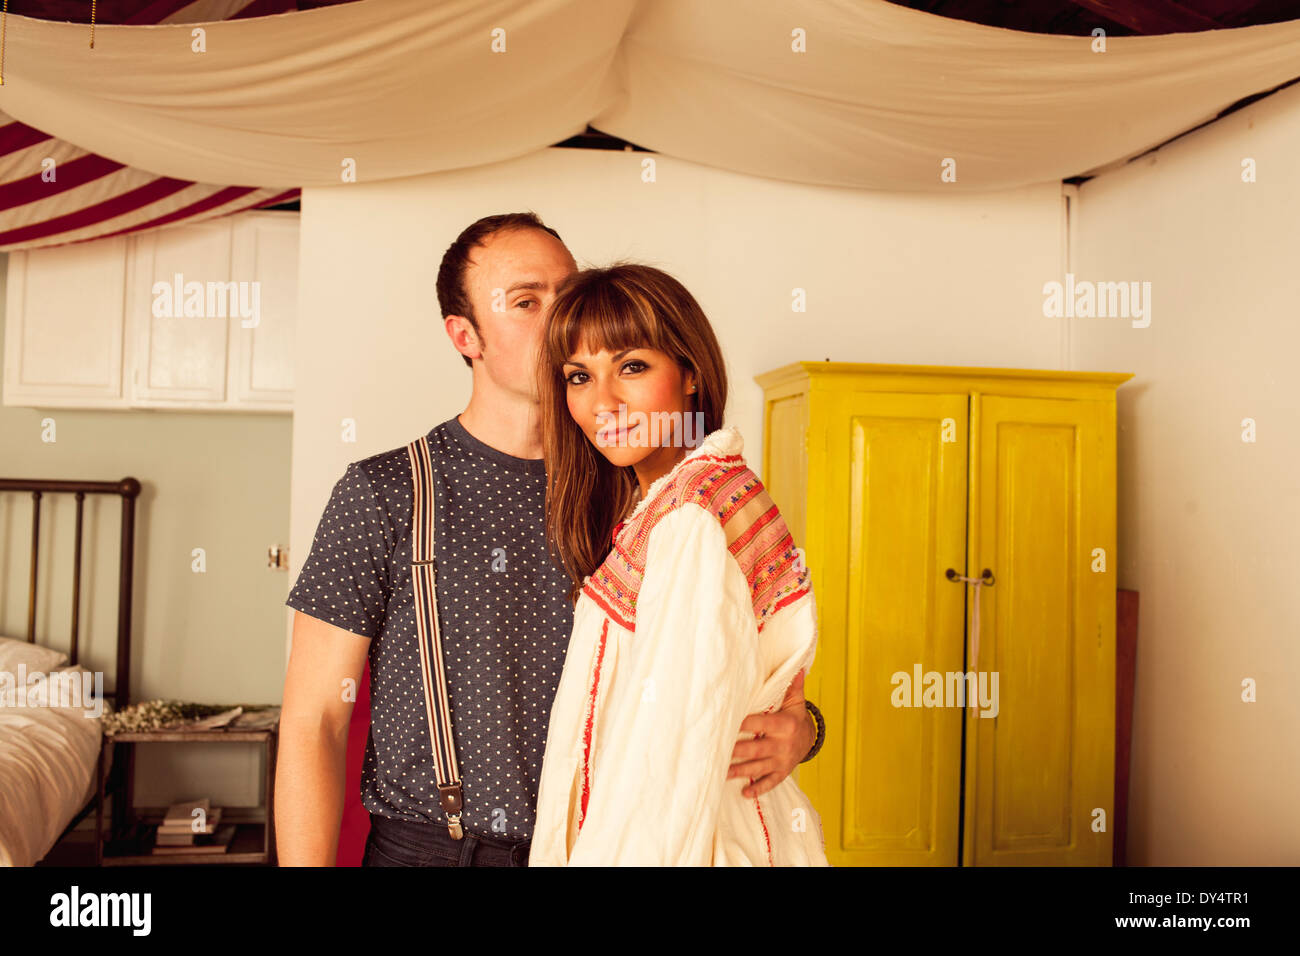 Uomo con braccio attorno alla donna in camera da letto Immagini Stock